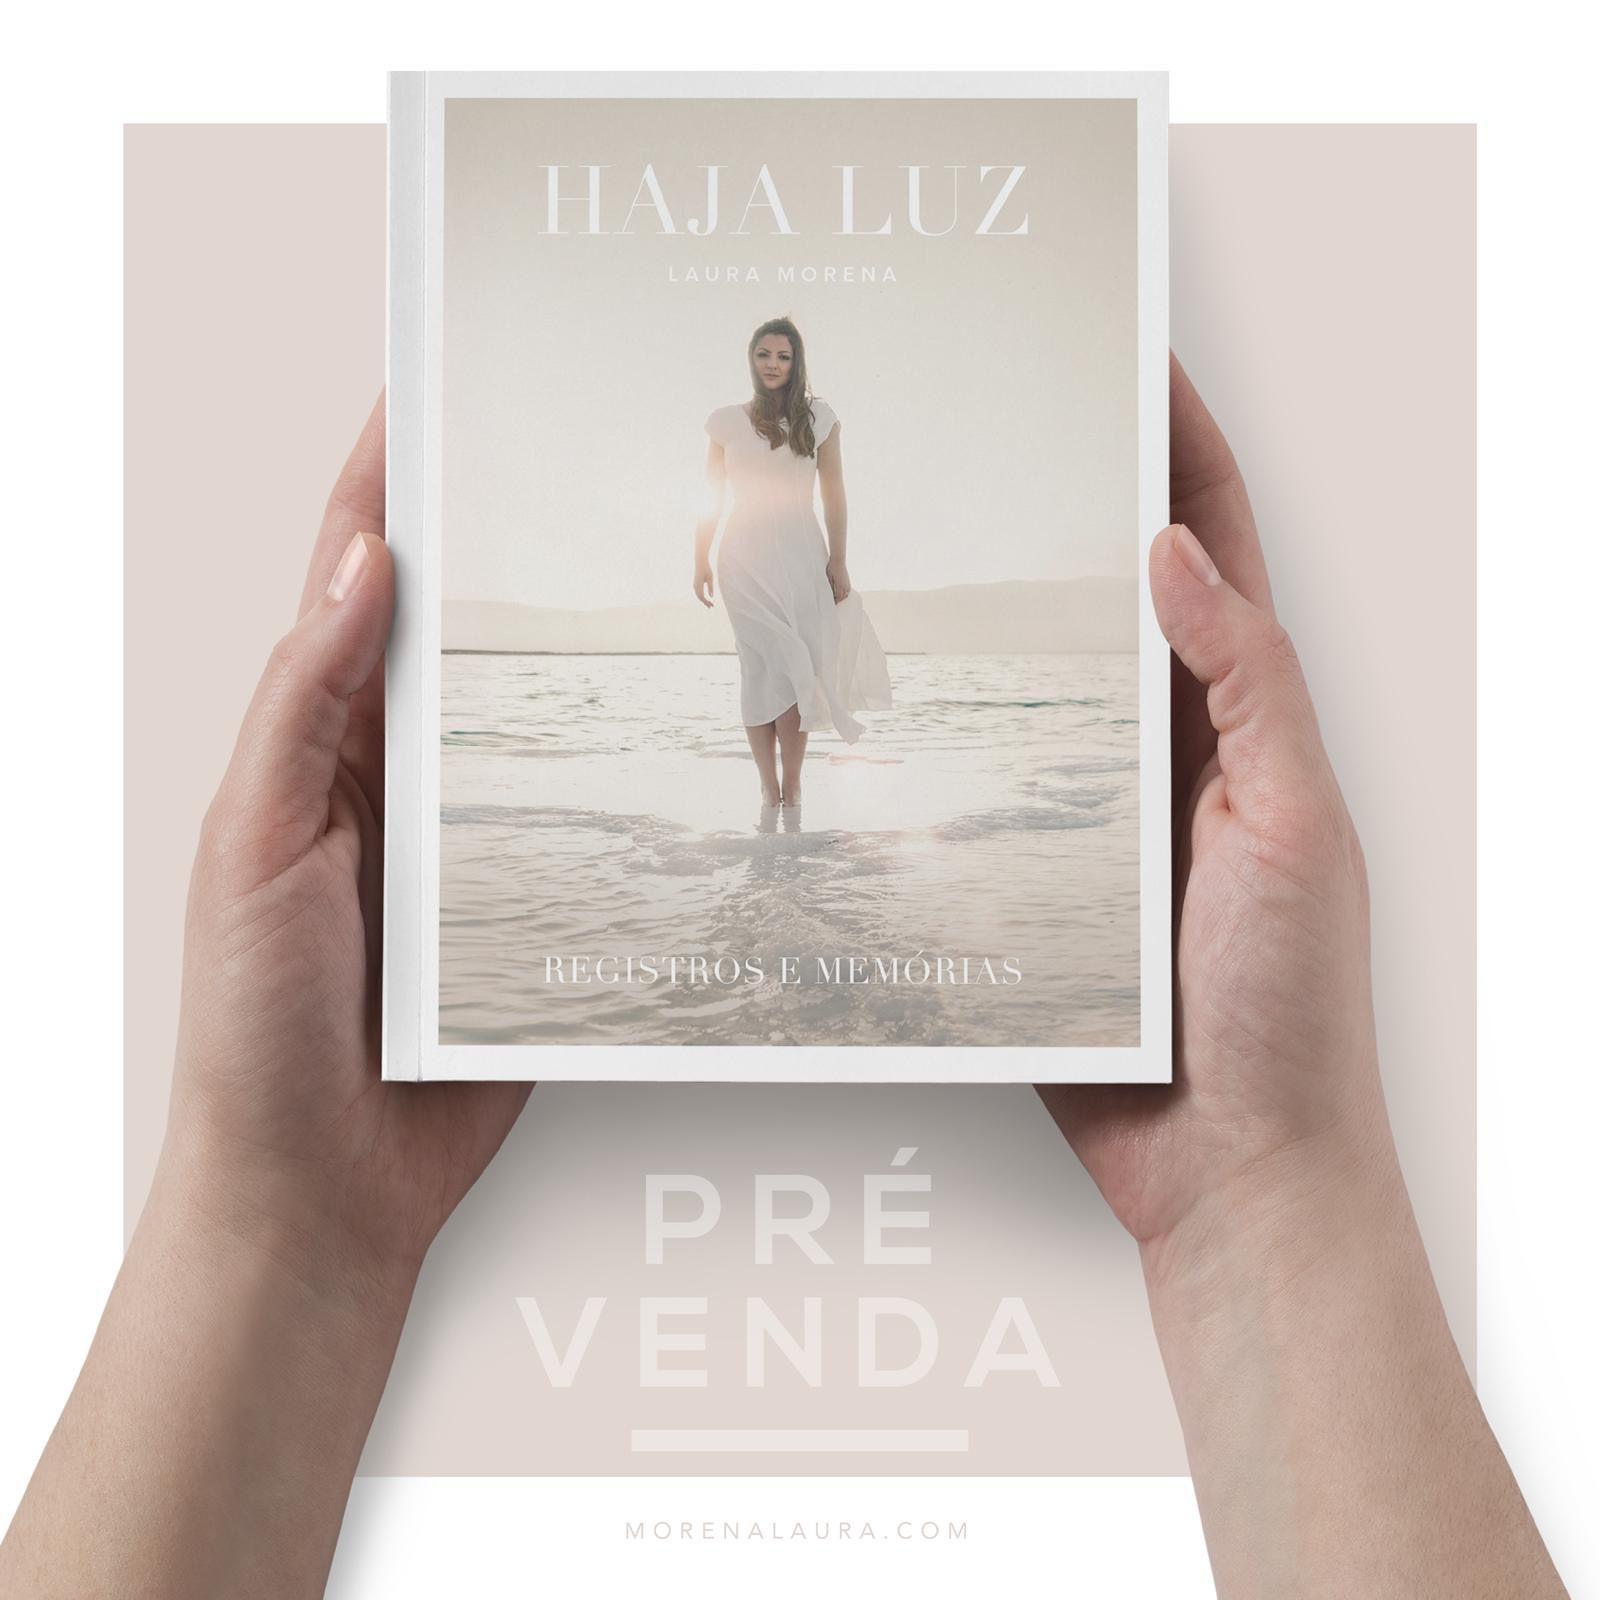 Livro Haja Luz, Registros e Memórias - Laura Morena - PROMO ONLINE  - PAROLE EDITORA